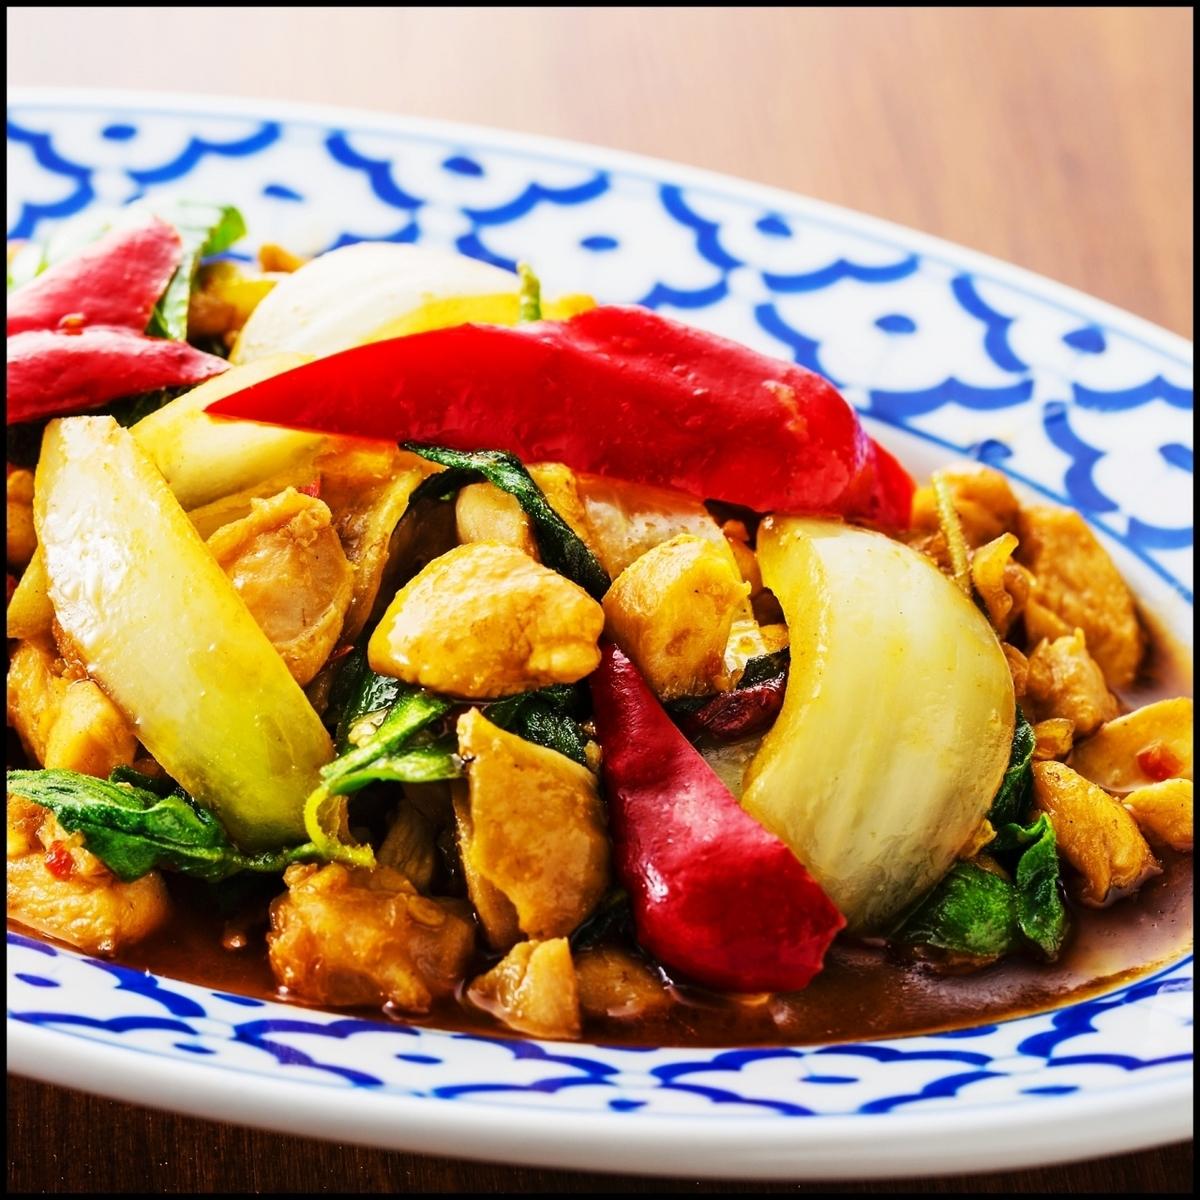 ガパオガイ(鶏ひき肉の炒め物)